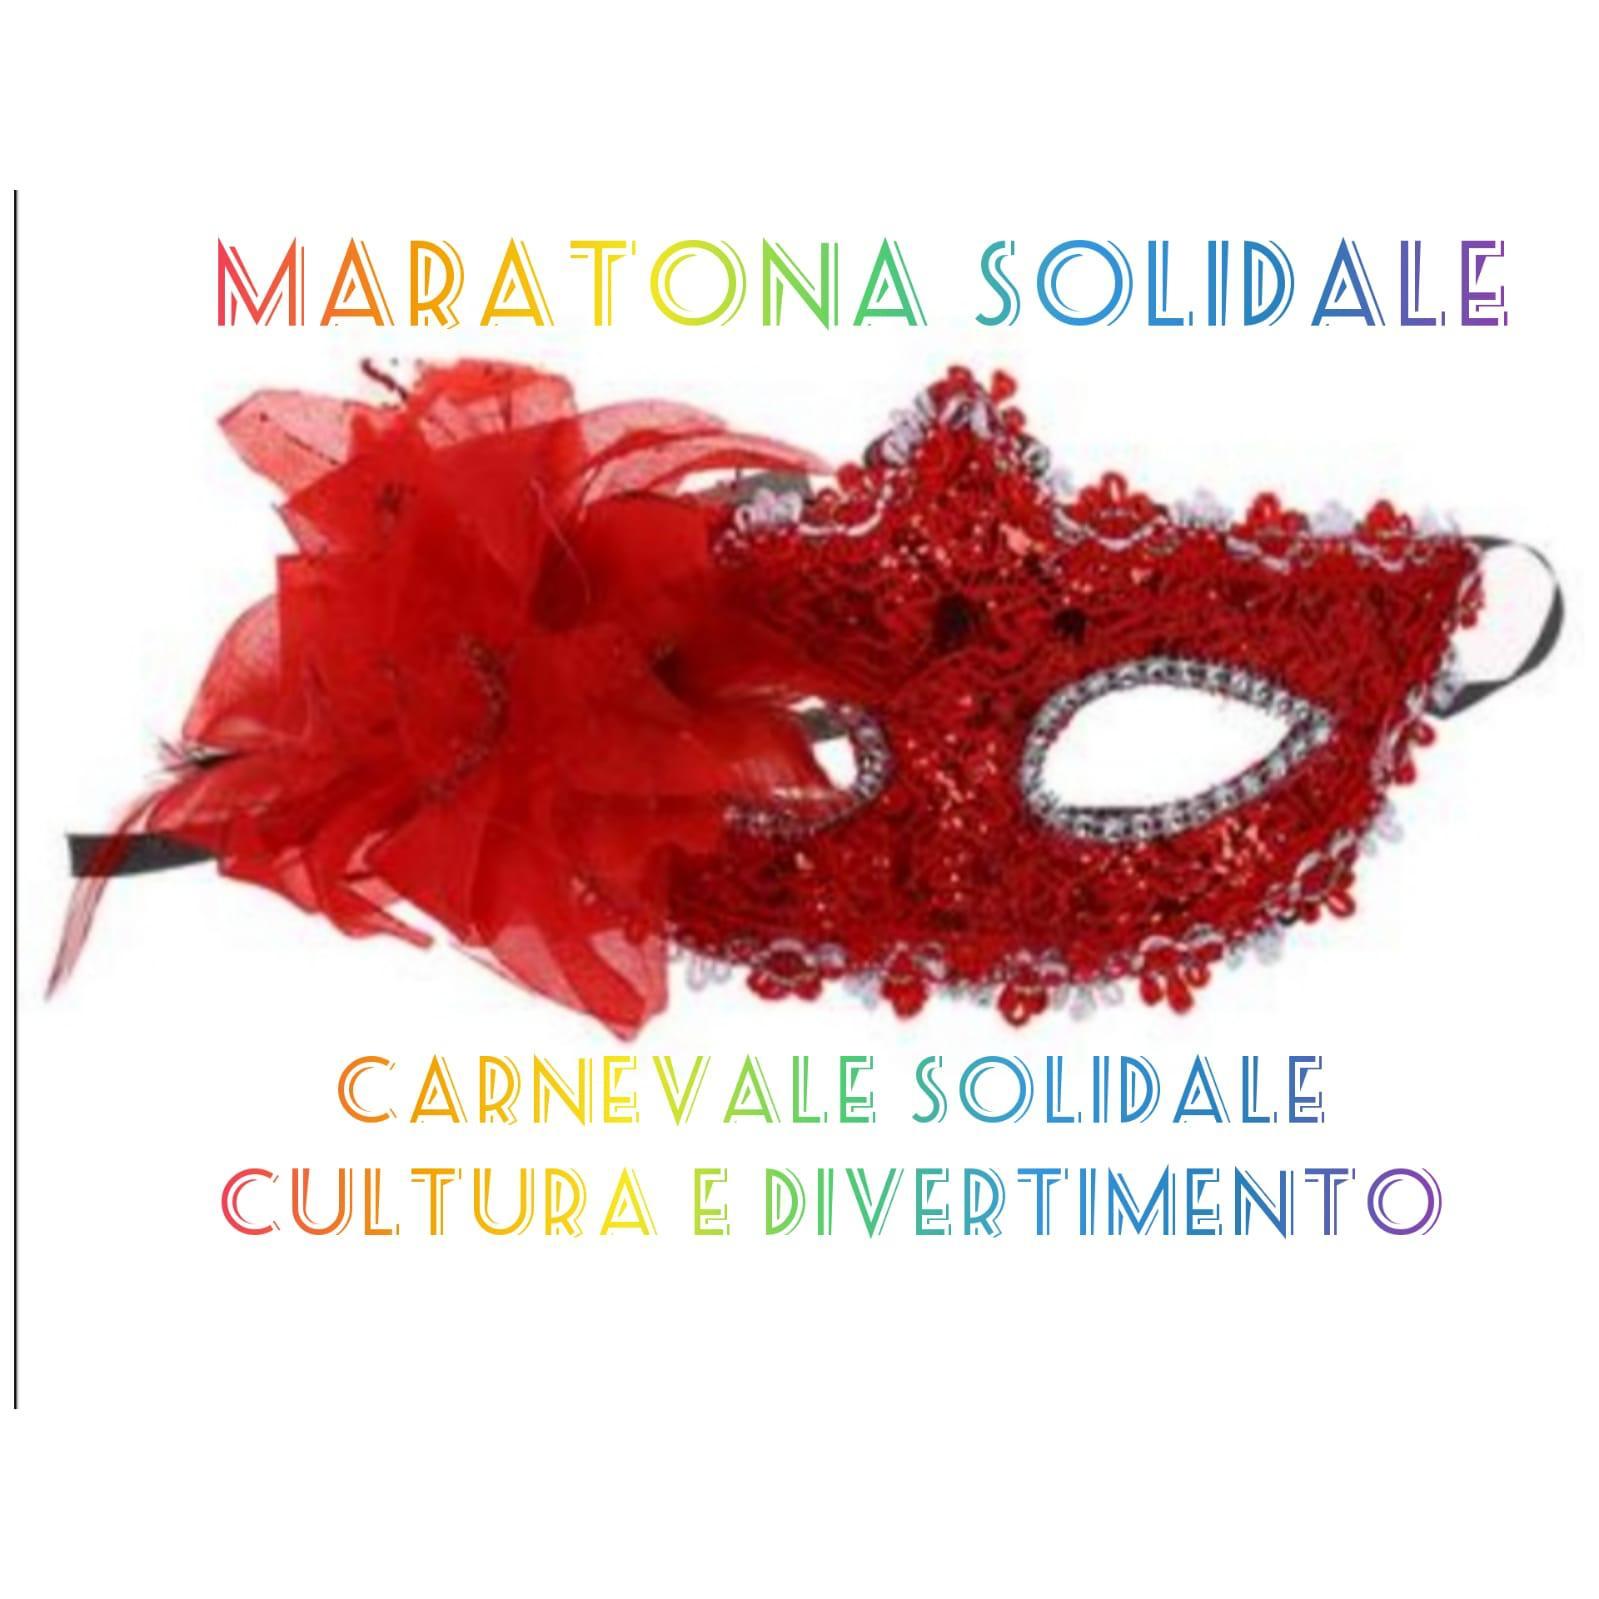 Carnevale Solidale Cultura e divertimento Maratona  Solidale